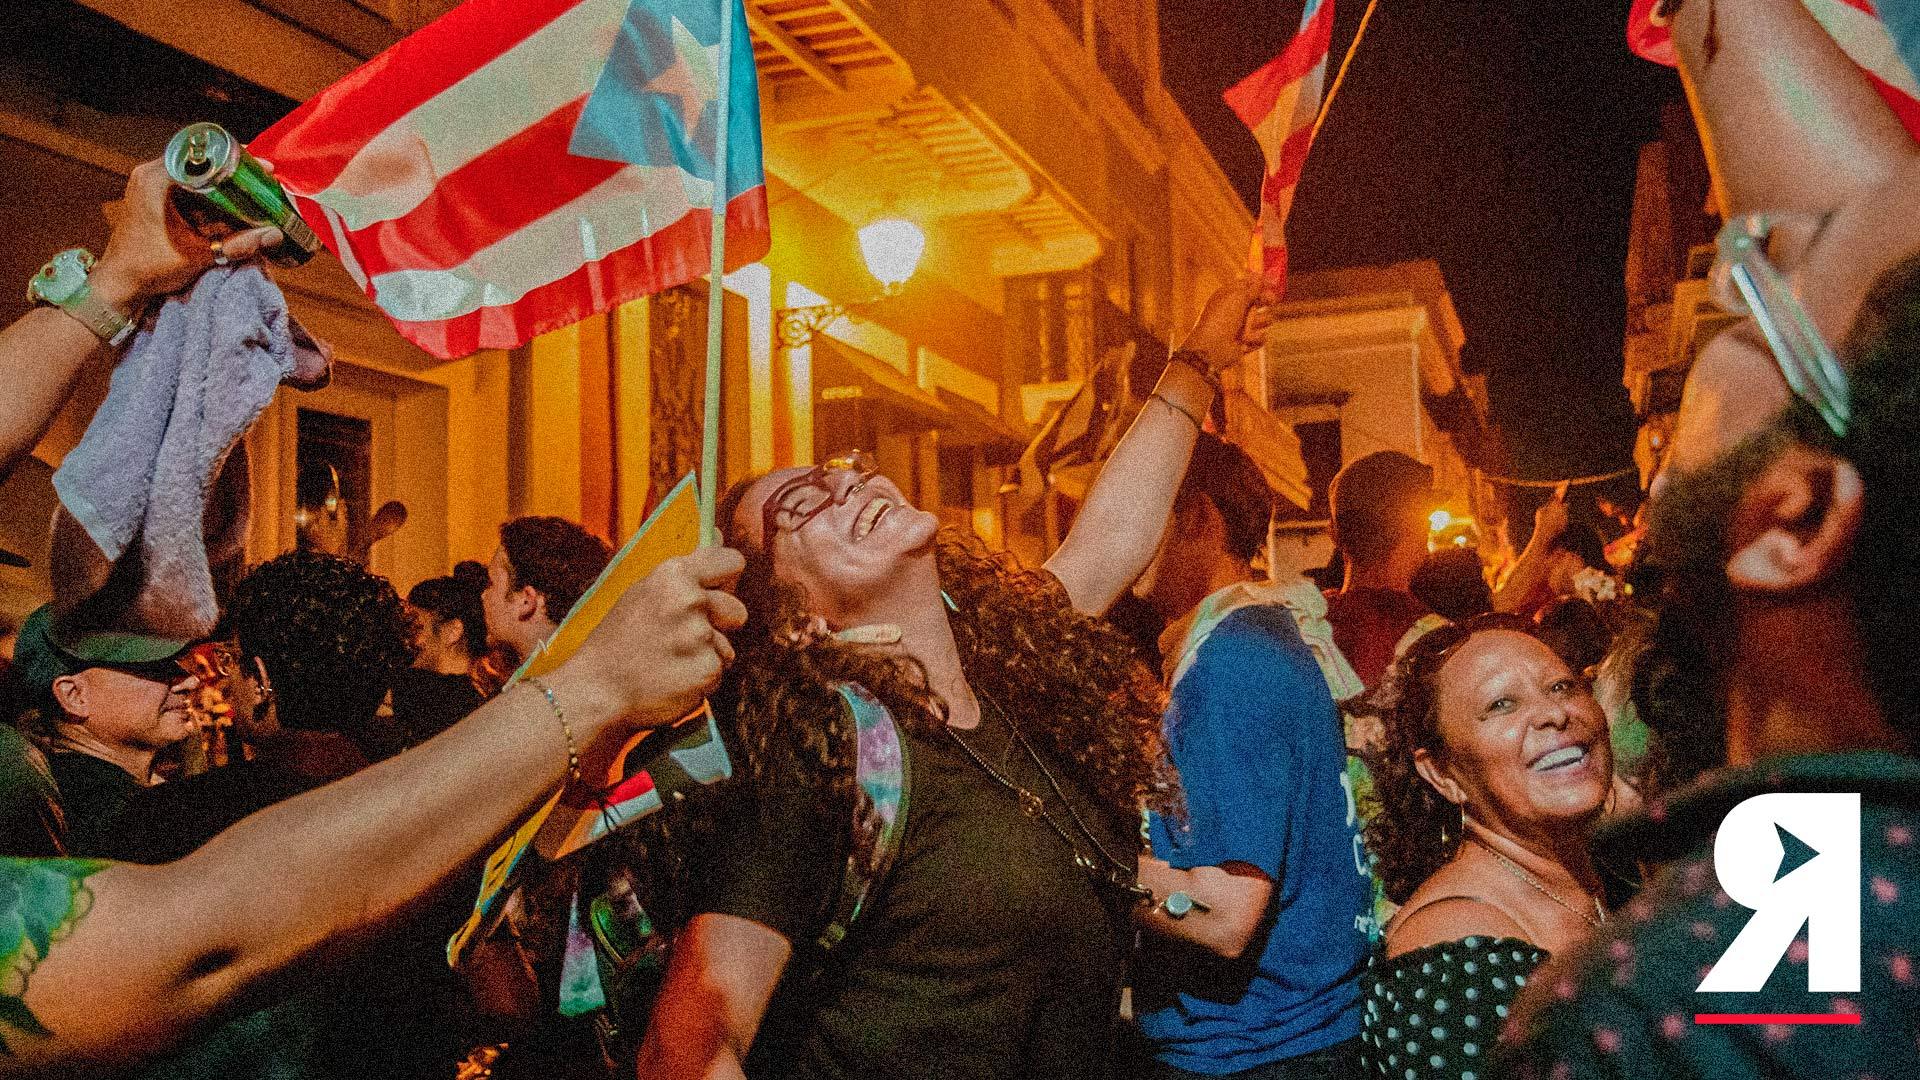 La movilización en Puerto Rico tuvo más que ver con las mujeres que con el reggaetón